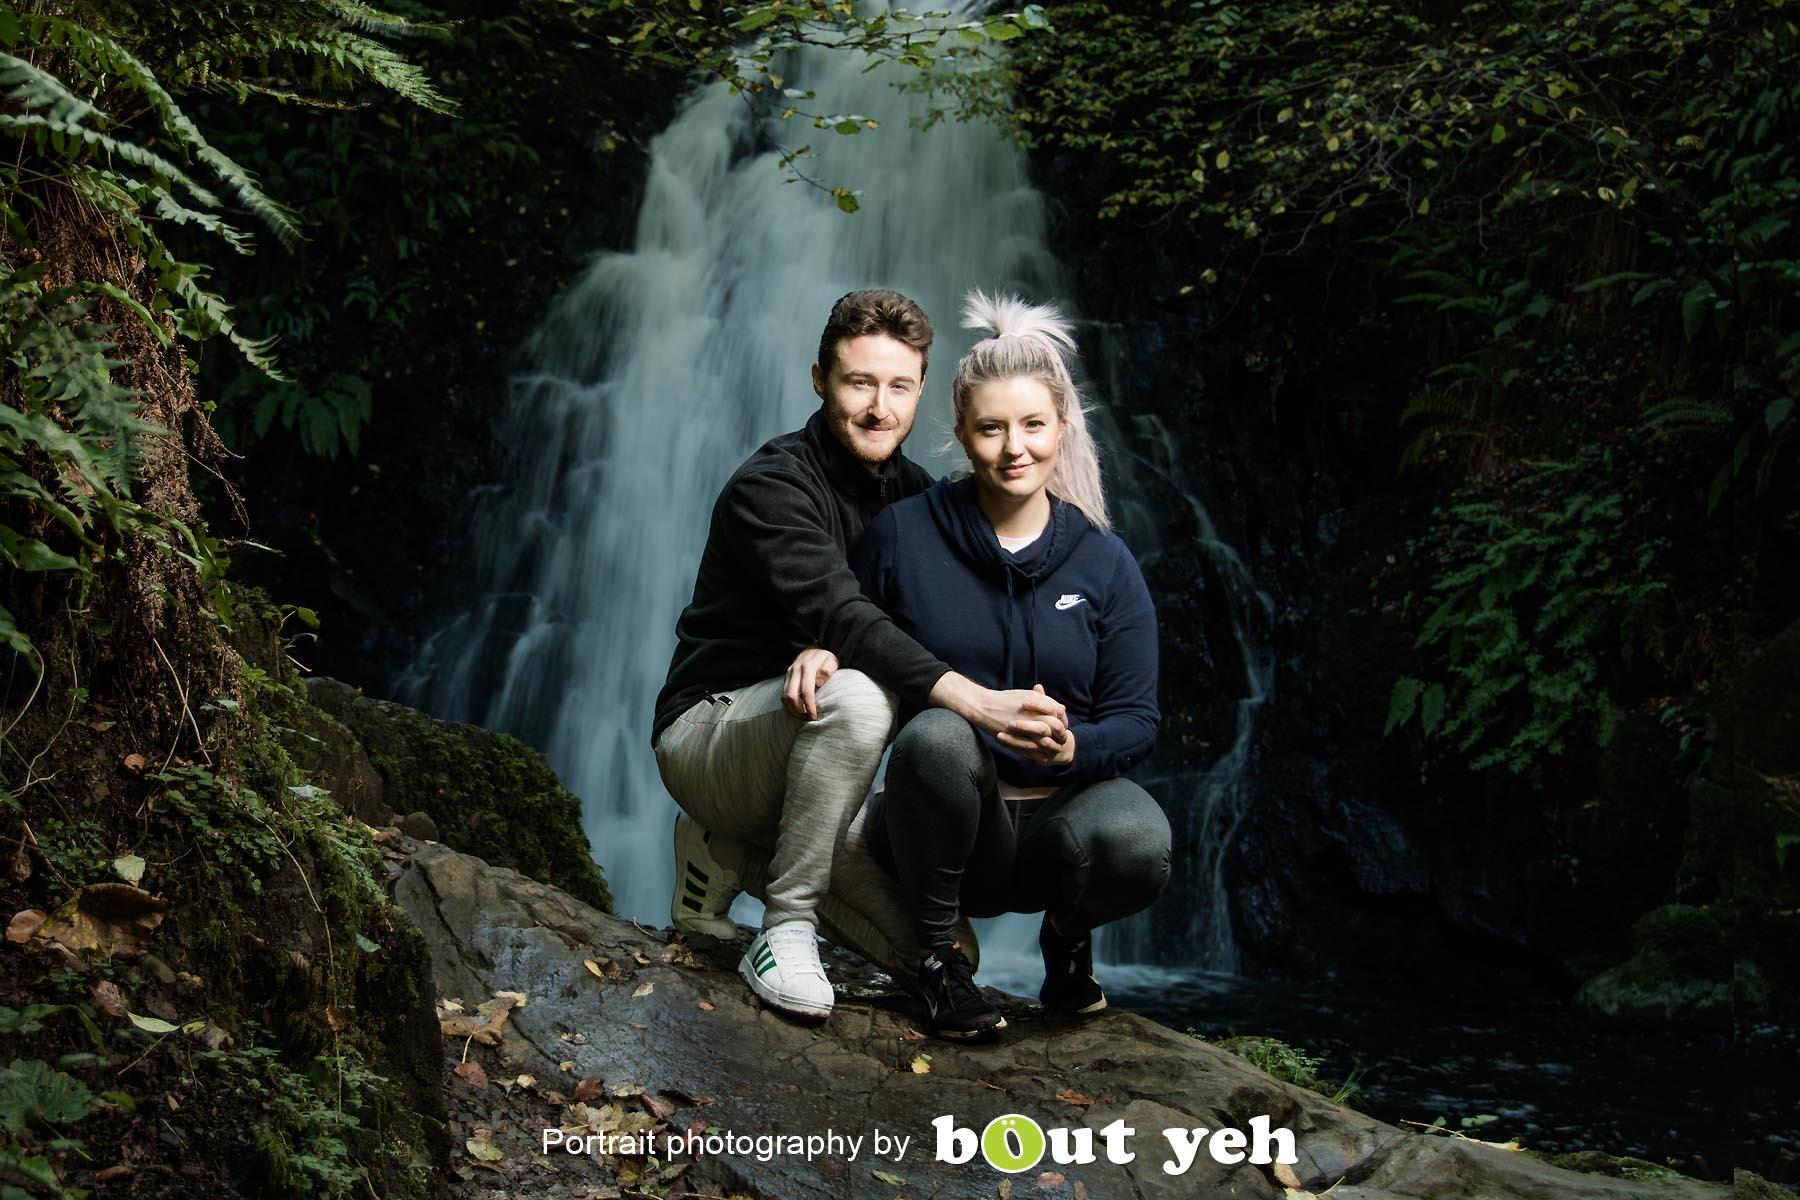 David and Joanna, at Gleno Waterfall, Northern Ireland - photo 9006.